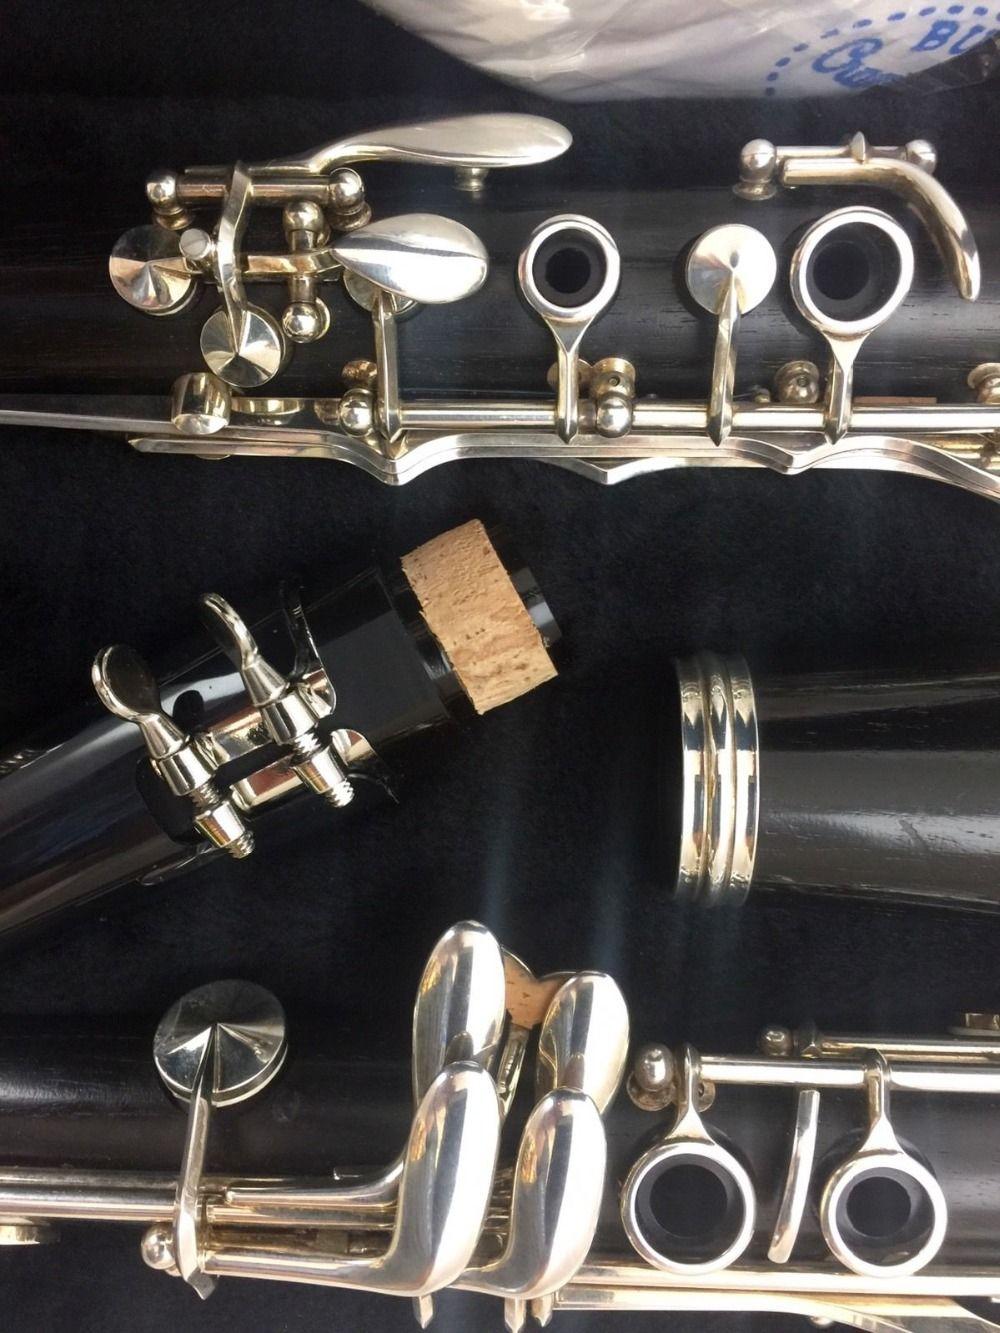 BUFFET E11 كلارينيت مع ملحقاتها لسان الحال 17 مفتاح لهجة ب ب خشب الصندل خشب الأبنوس / الباكليت المهنية المتوسطة آلات النفخ الطالب نموذج